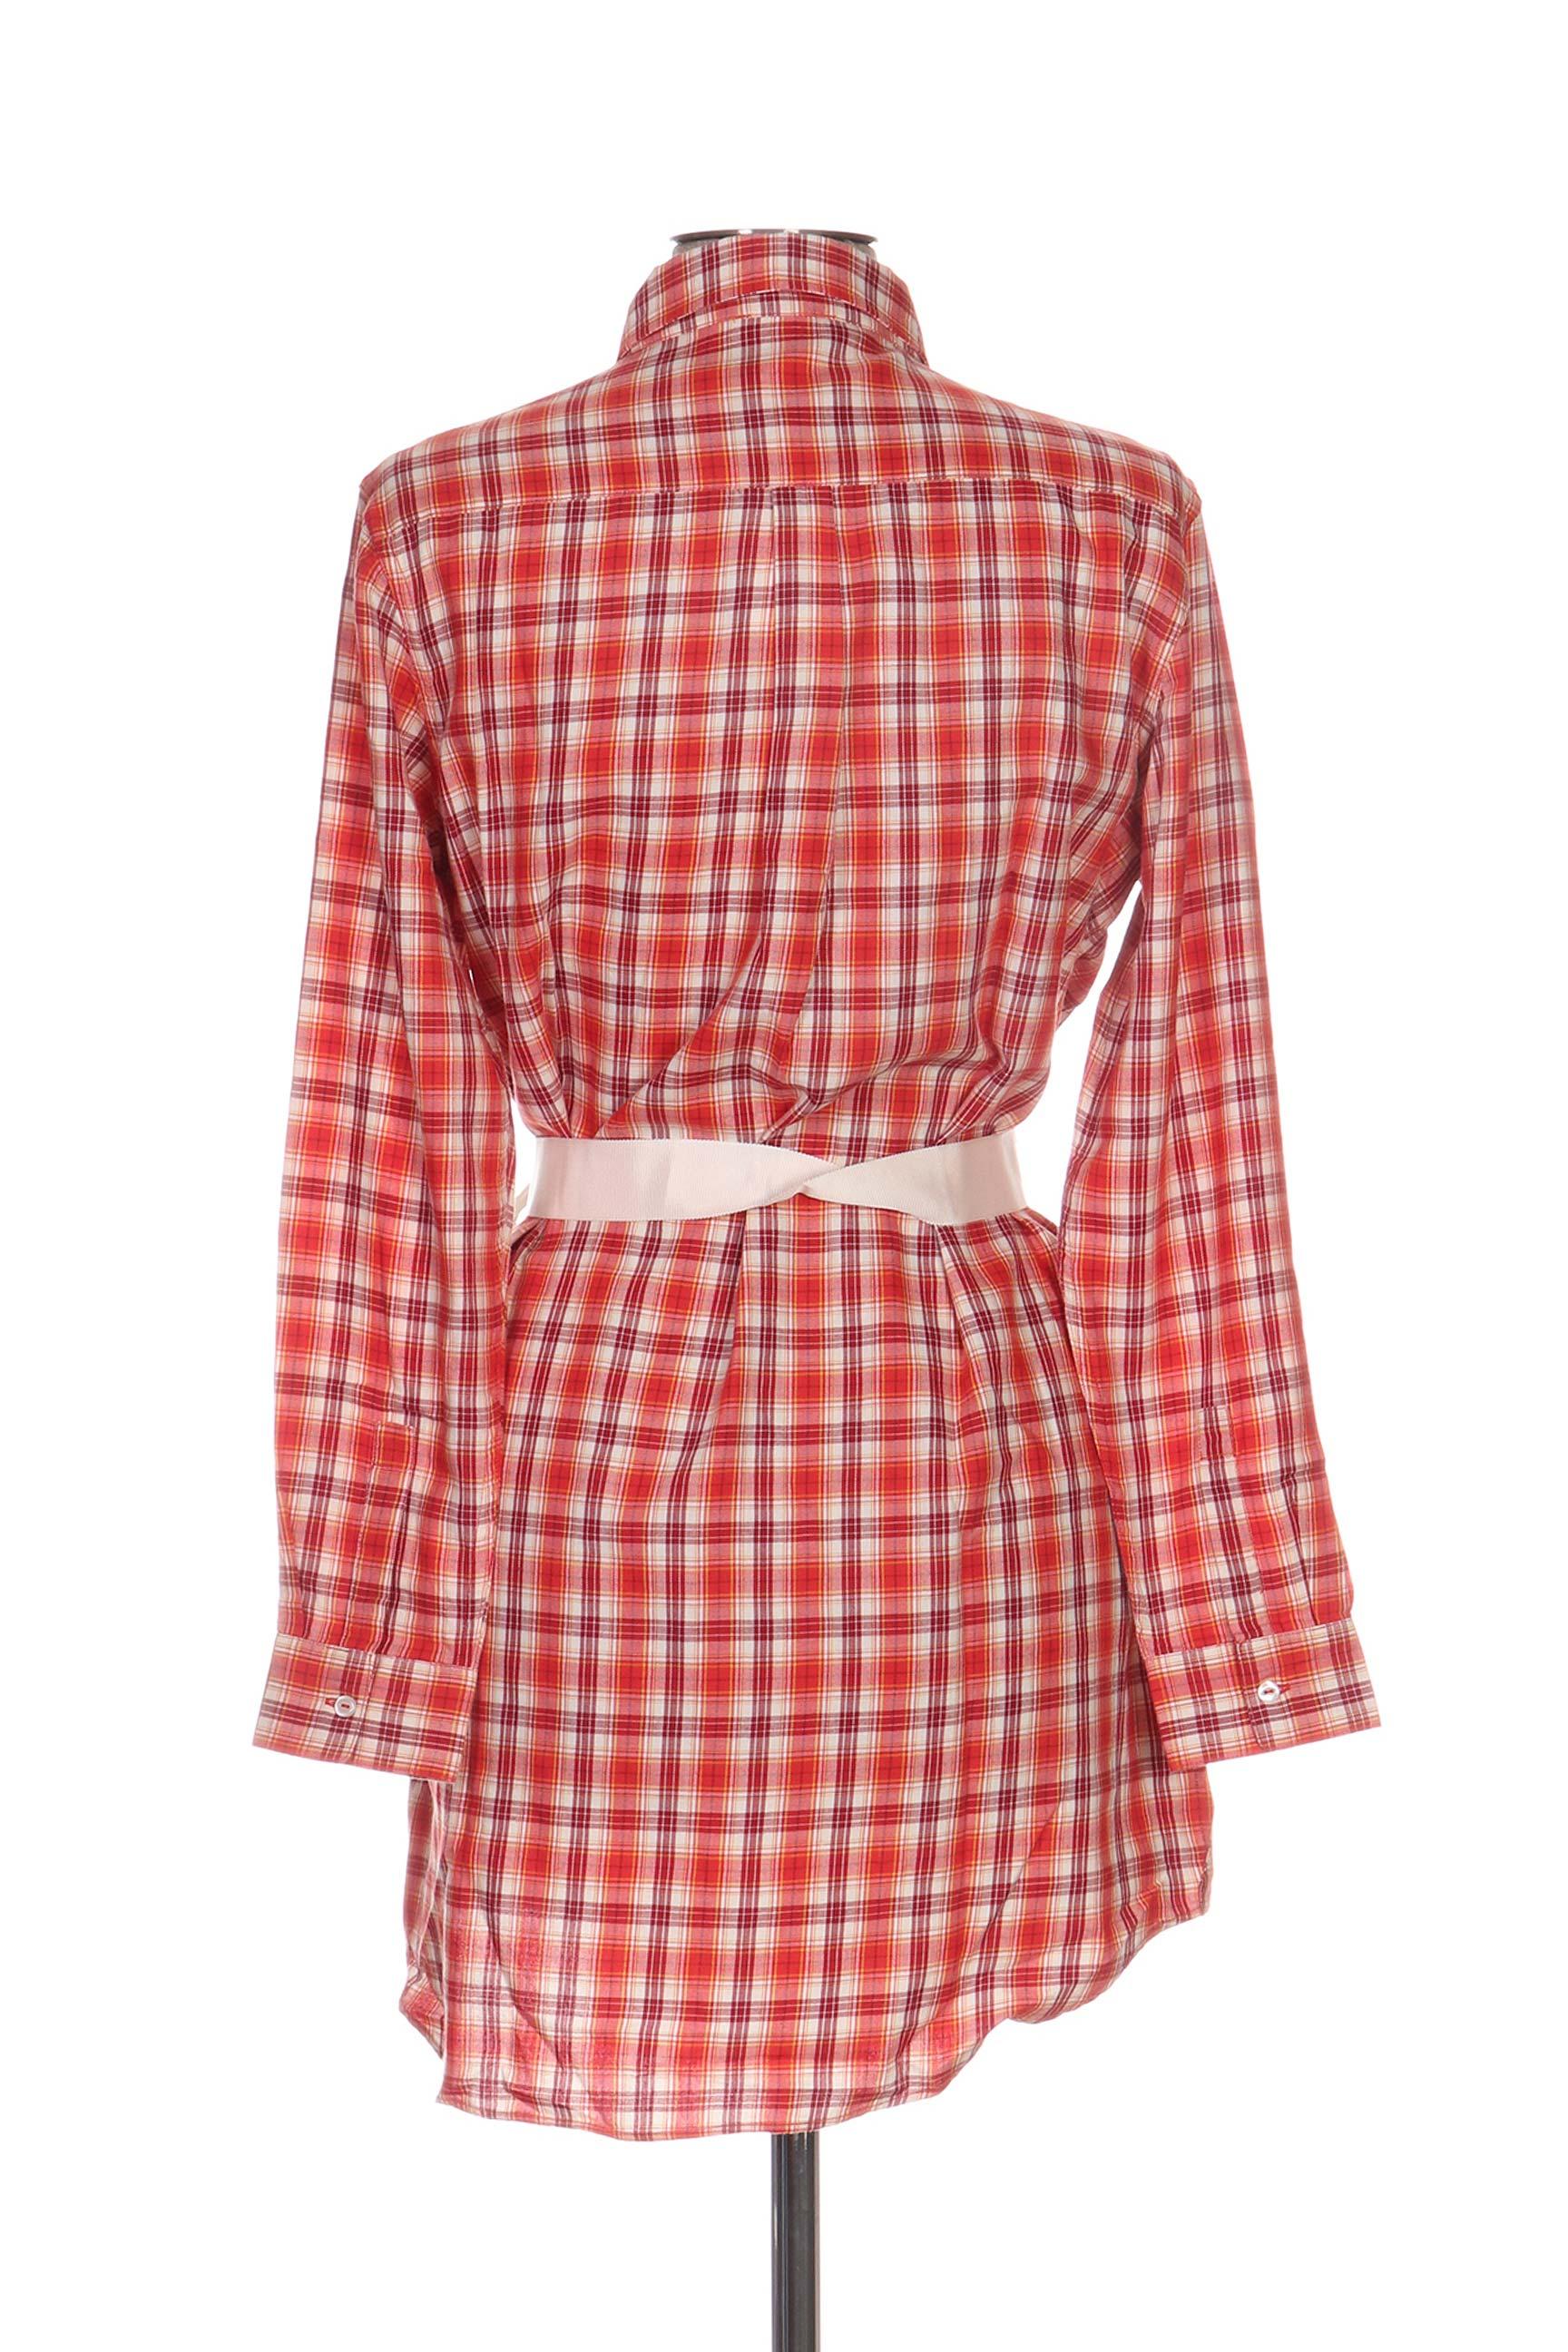 Petit Bateau Robes Courtes Femme De Couleur Orange En Soldes Pas Cher 1126836-orange